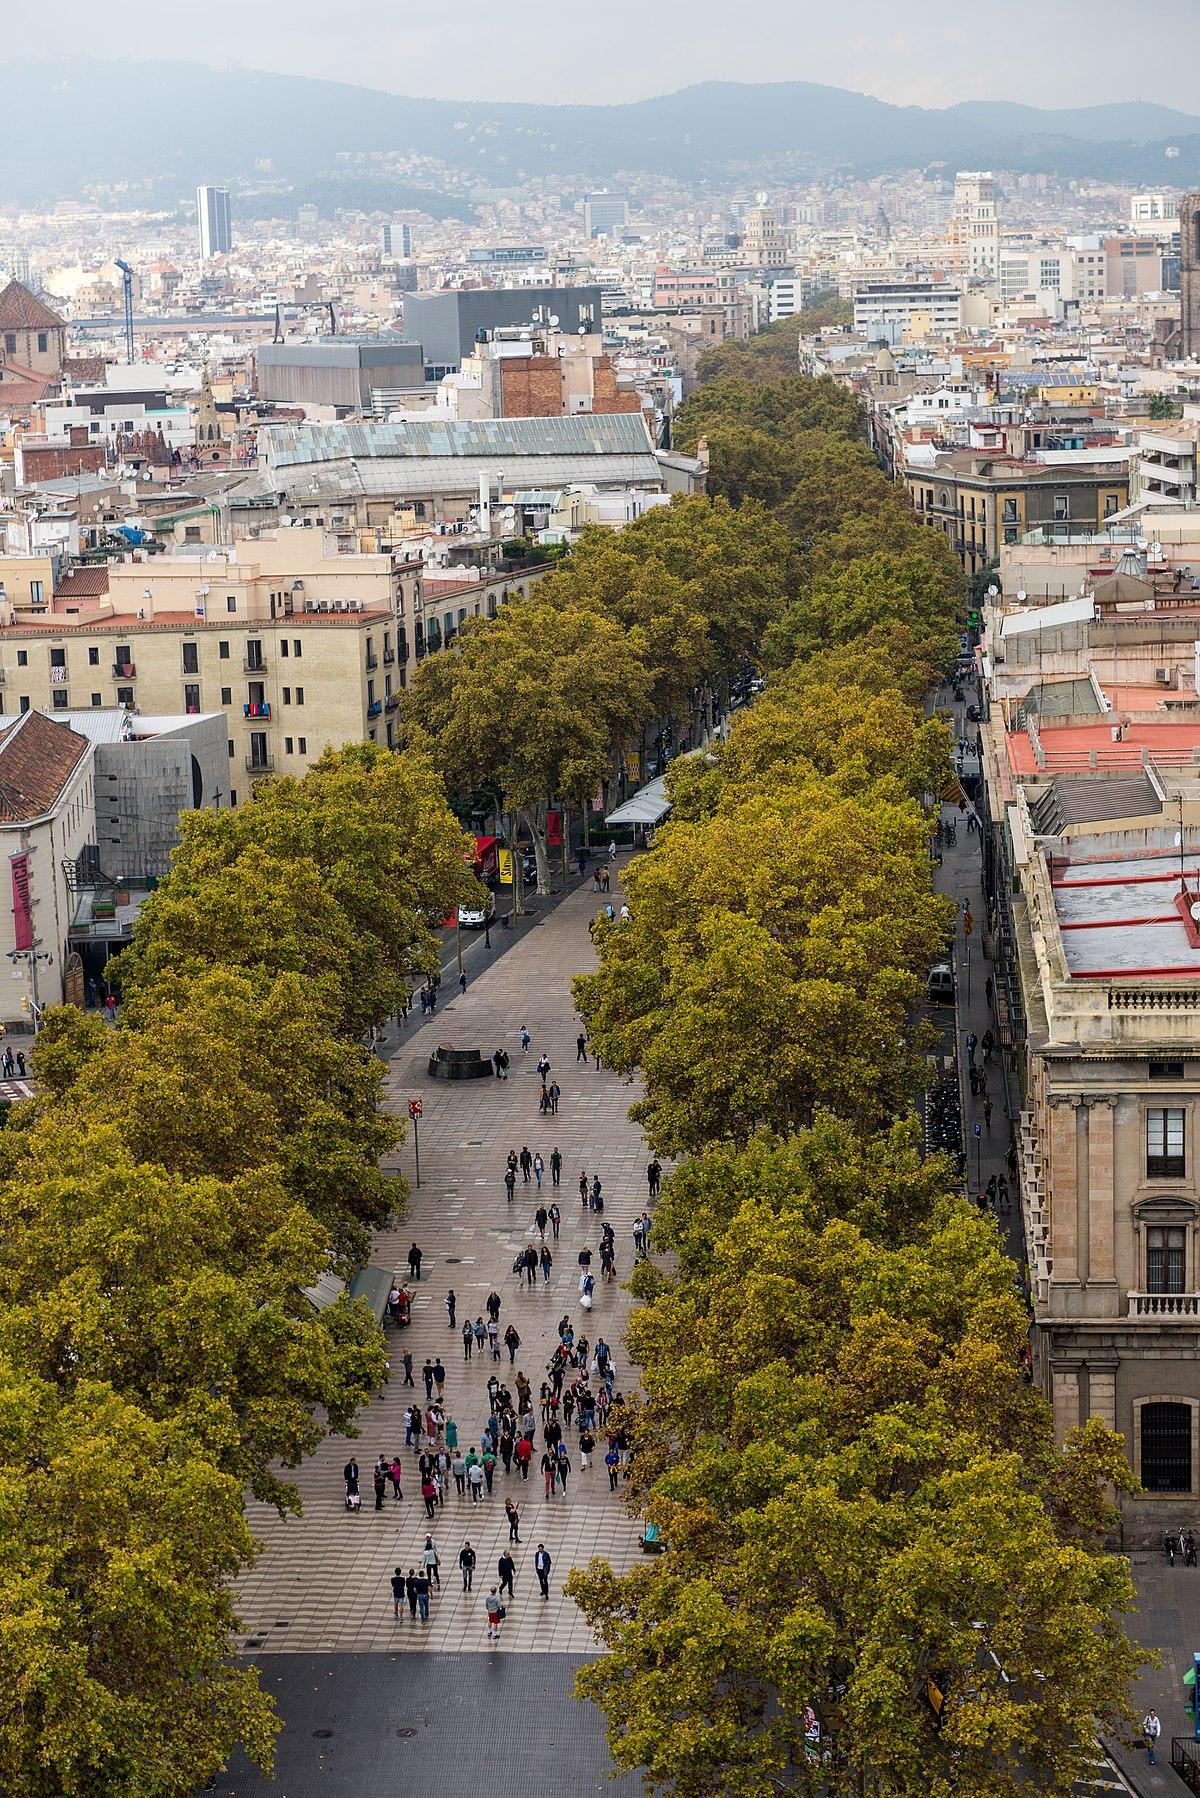 La rambla barcelona wikipedia - La botigueta barcelona ...